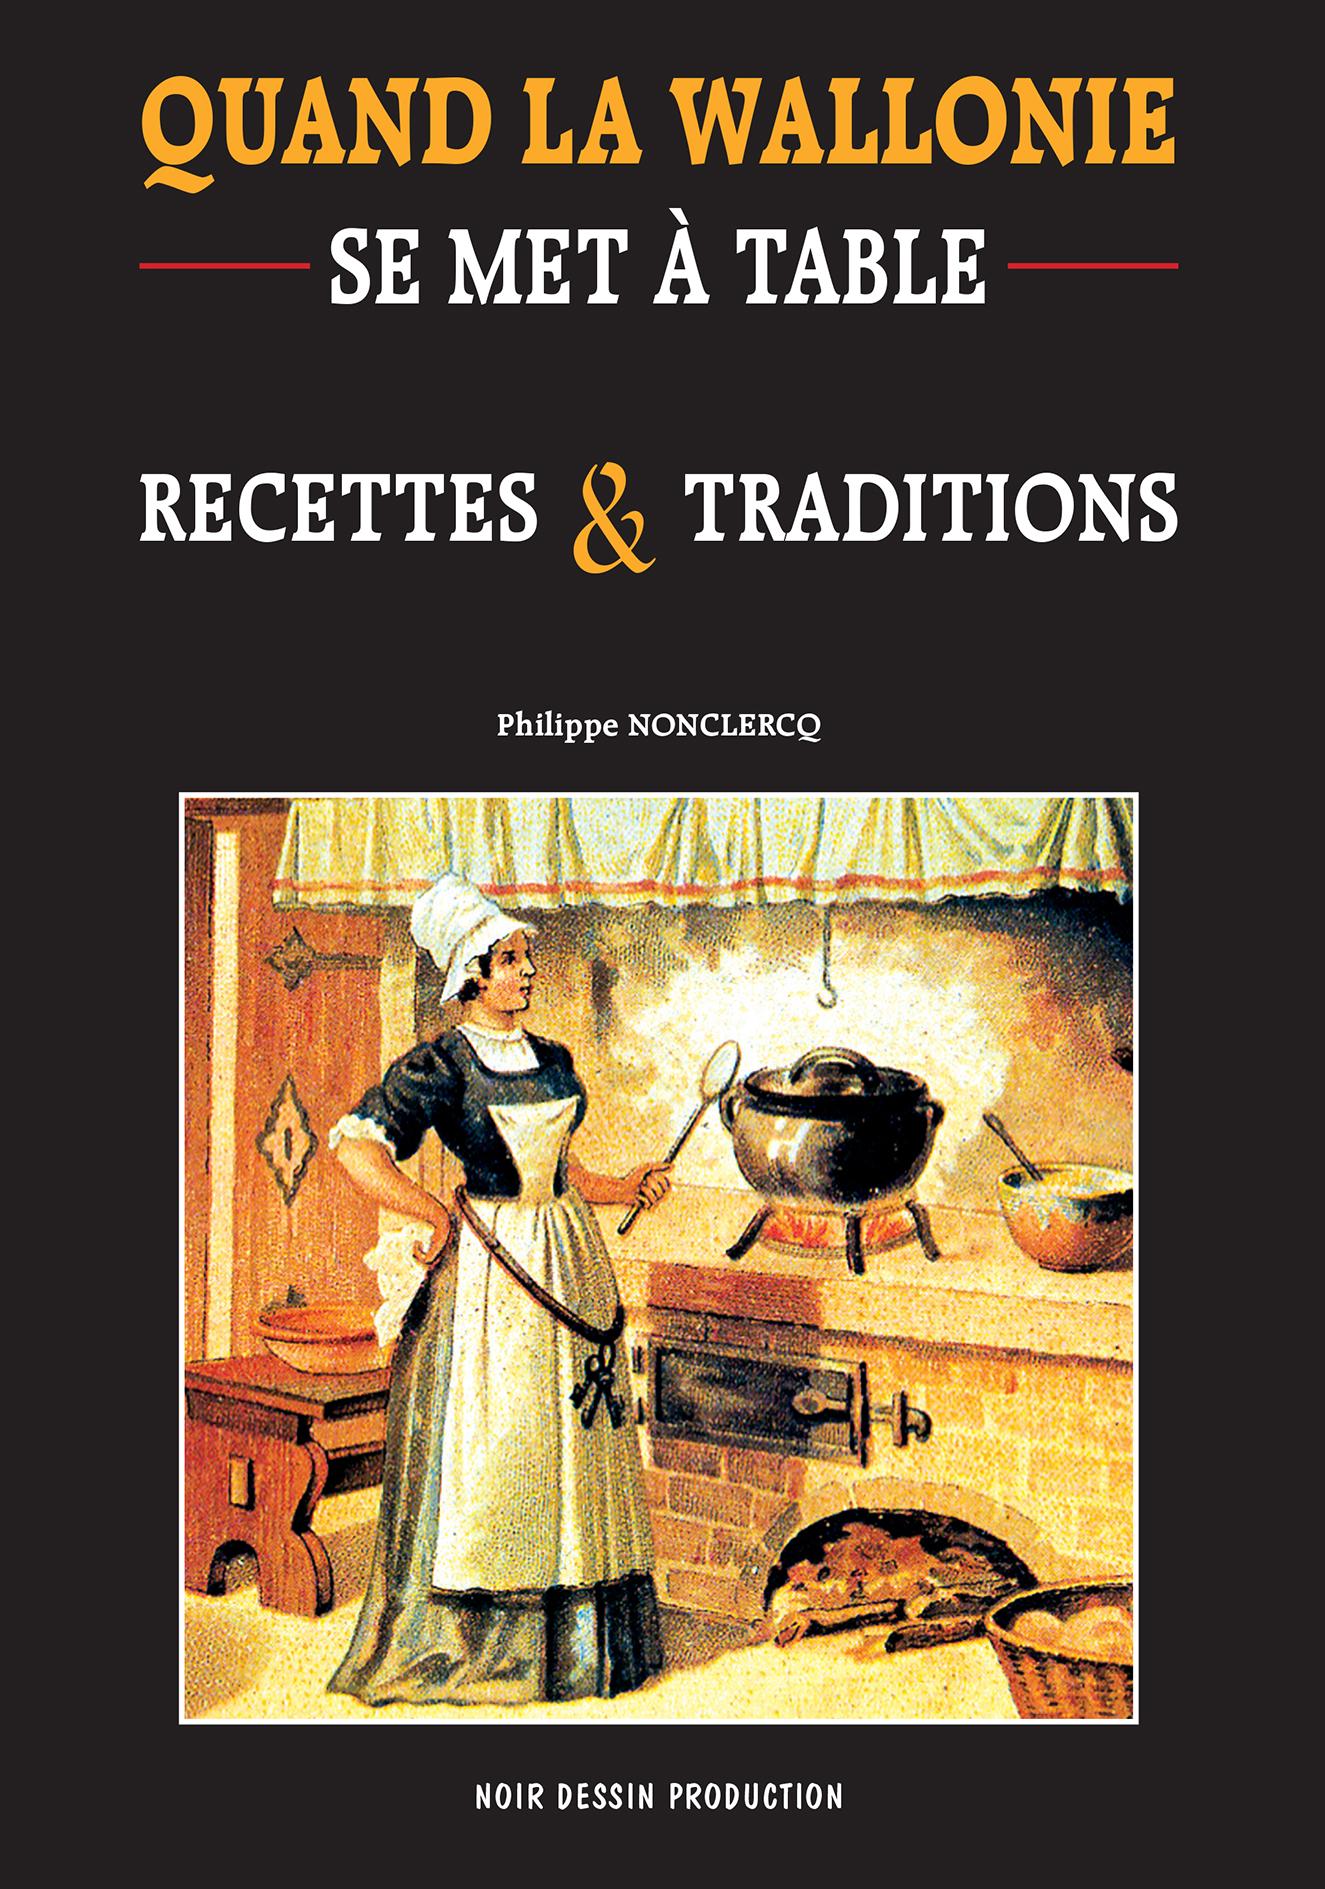 1-cover-qd la wallonie se met a table-recettes et traditions